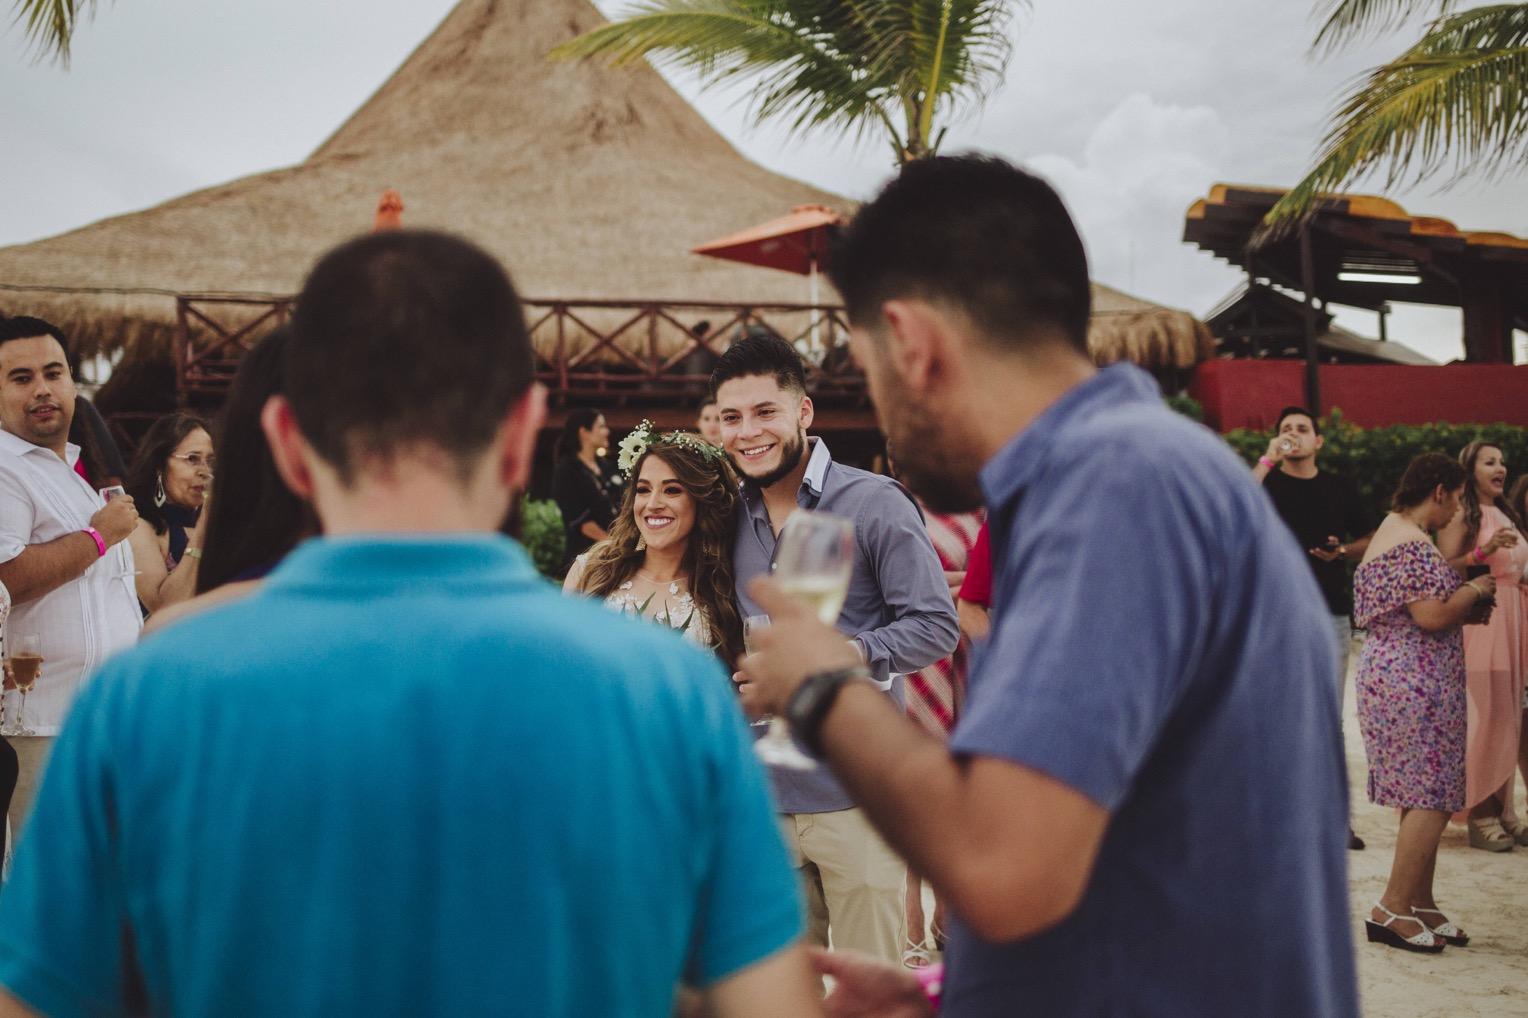 fotografo_bodas_profesional_zacatecas_riviera_maya_cancun-105